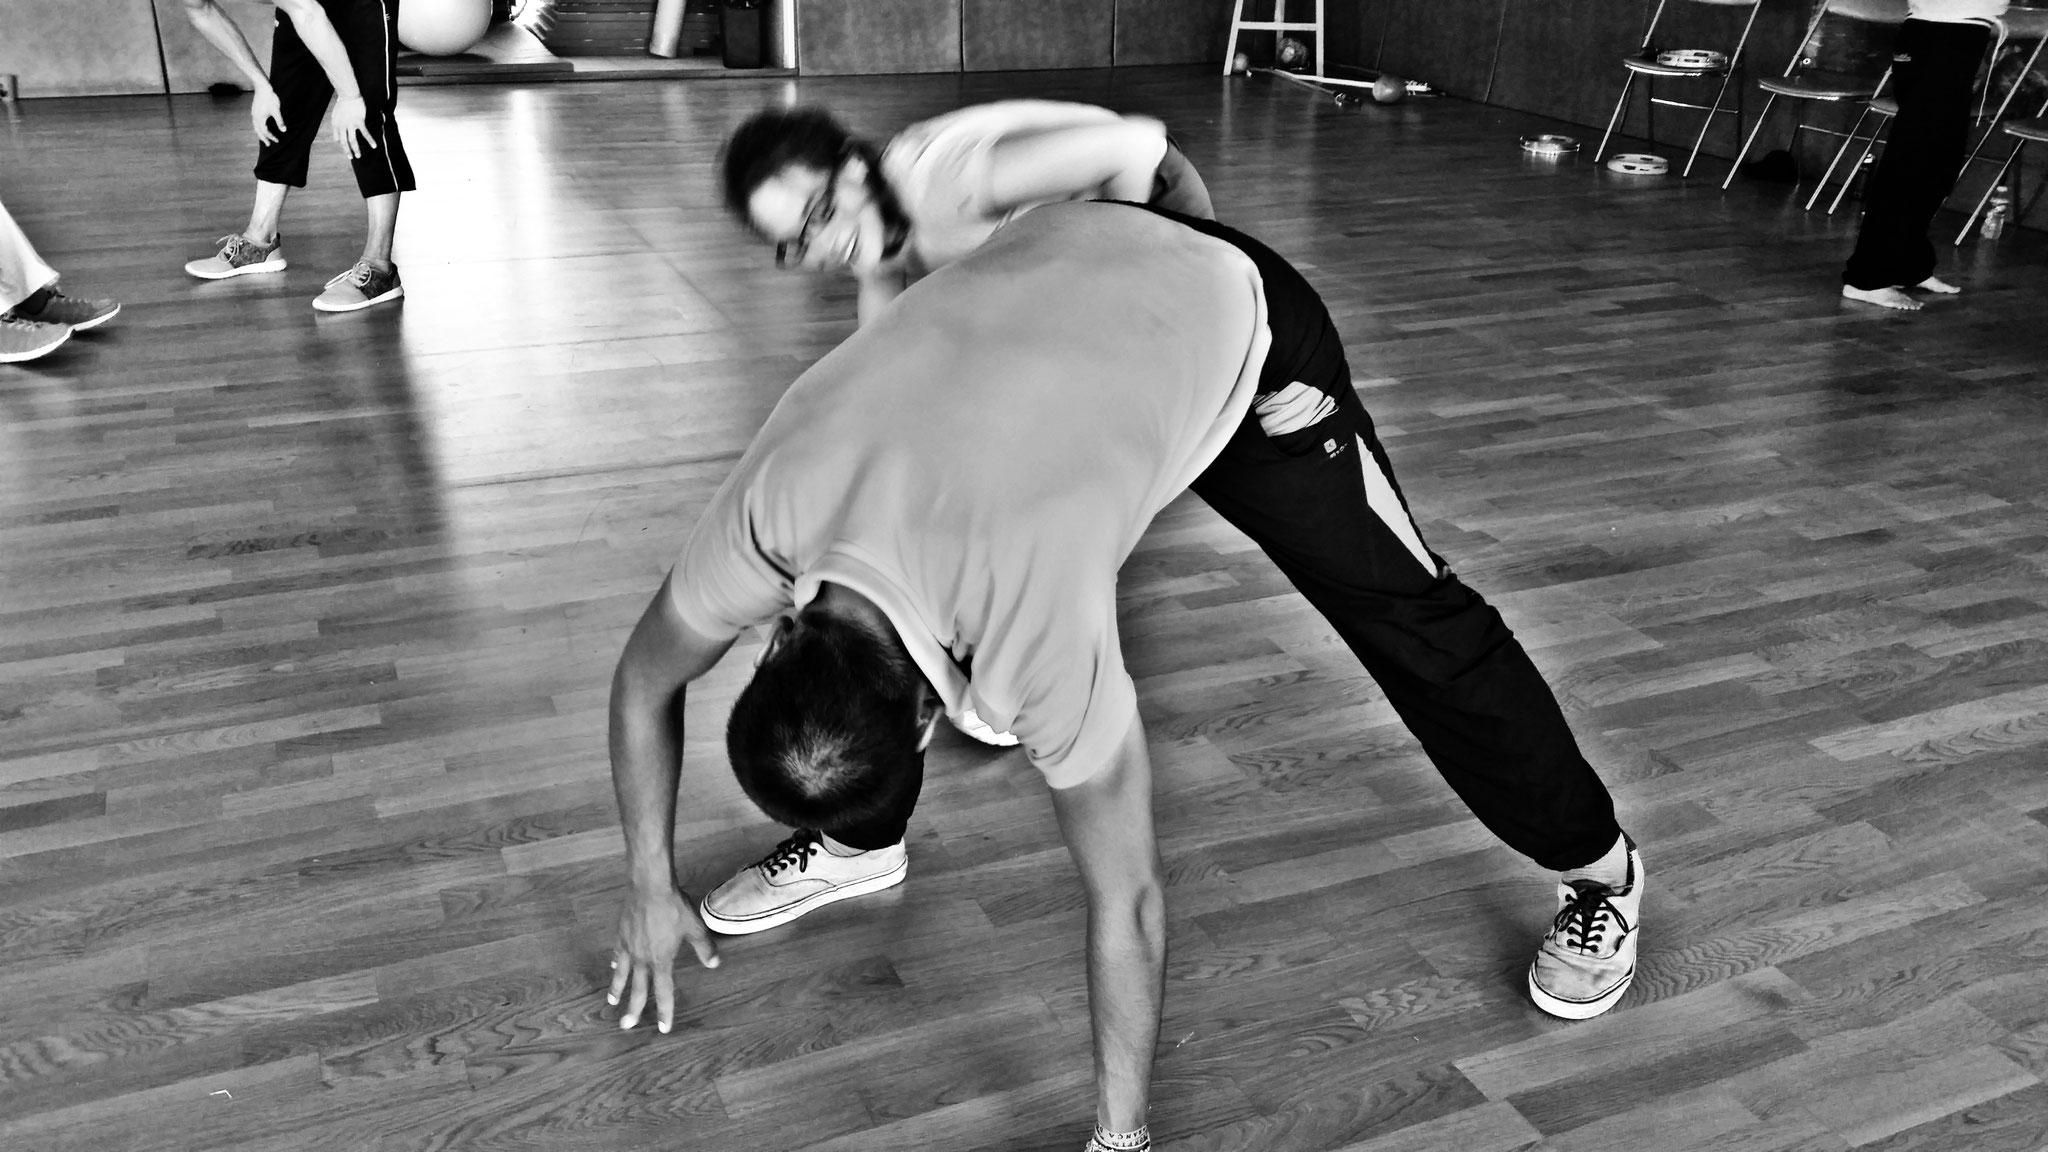 CECA - Bincadeira de angola 2 - capoeira angola 14